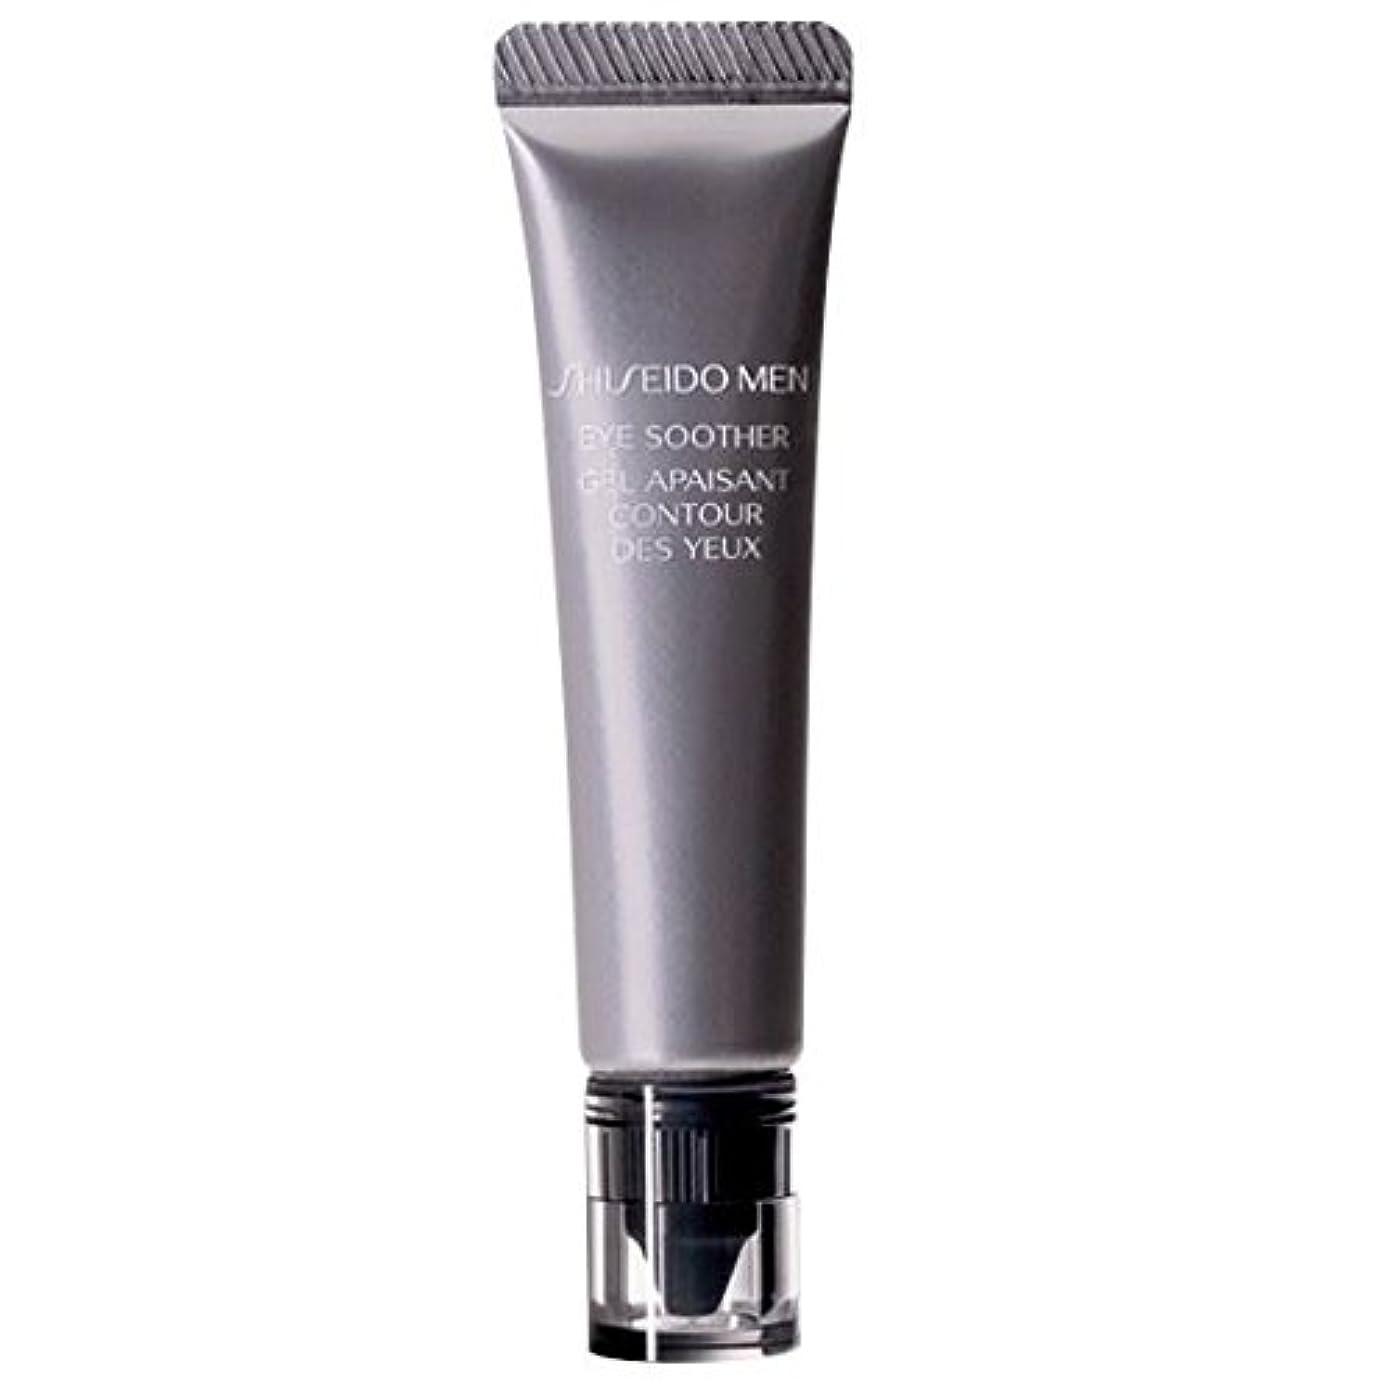 下品ボイラーたっぷり[Shiseido ] 資生堂の男性の目のおしゃぶりの15ミリリットル - Shiseido Men Eye Soother 15ml [並行輸入品]